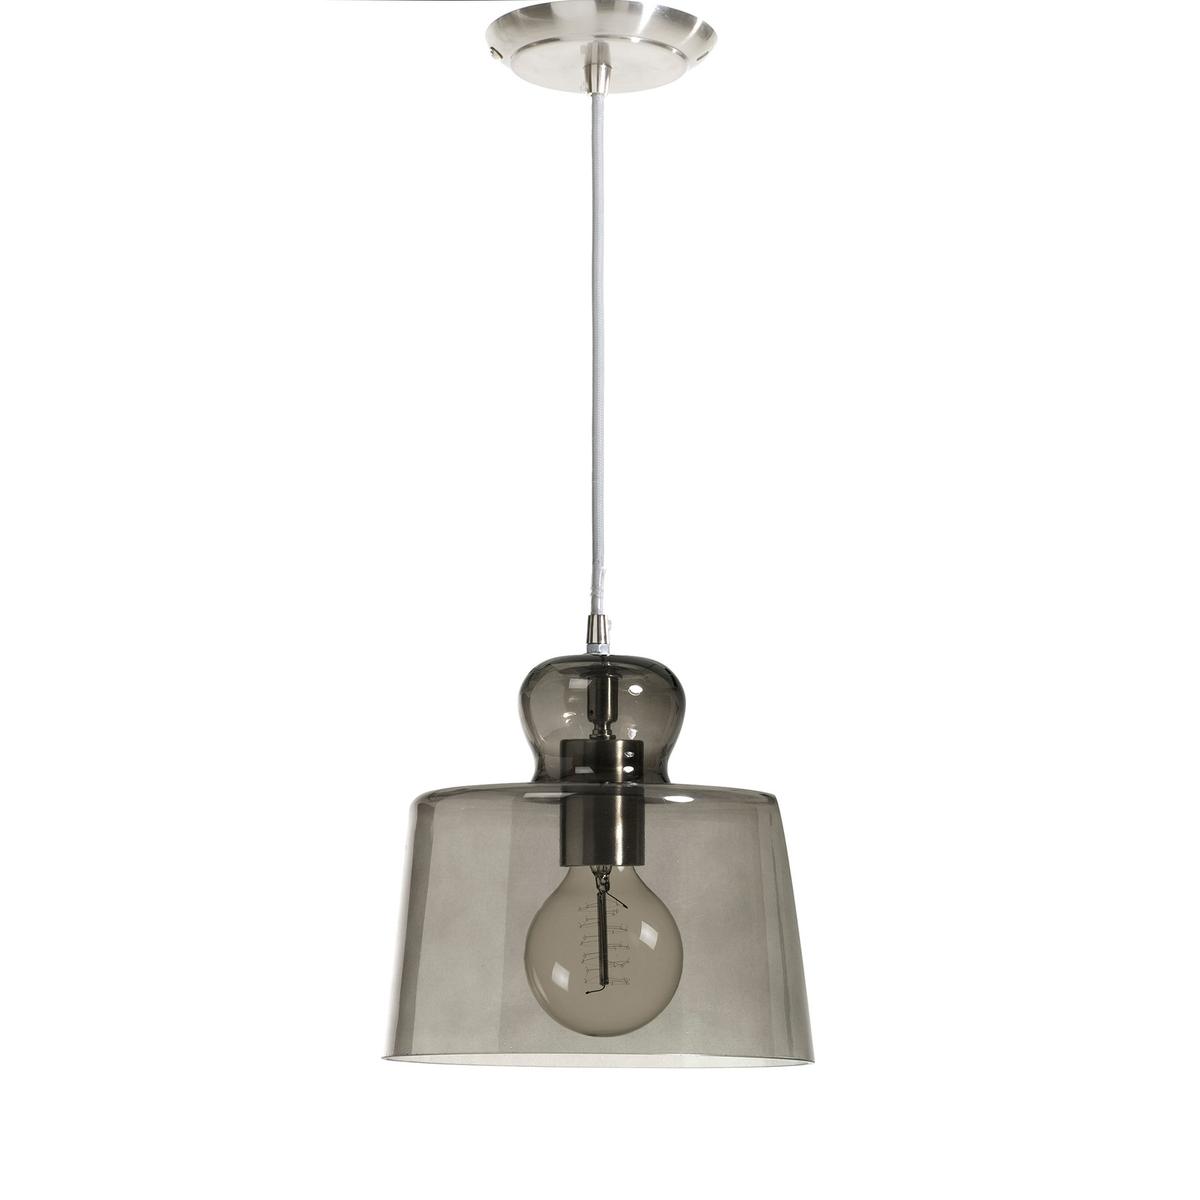 Светильник из прозрачного стекла KlaraЭлегантный светильник из стекла (прозрачный или затемненный).Патрон E27 для лампочки 40W (не входит в комплект)  .Размер. ?22, высота .22 см.<br><br>Цвет: прозрачный